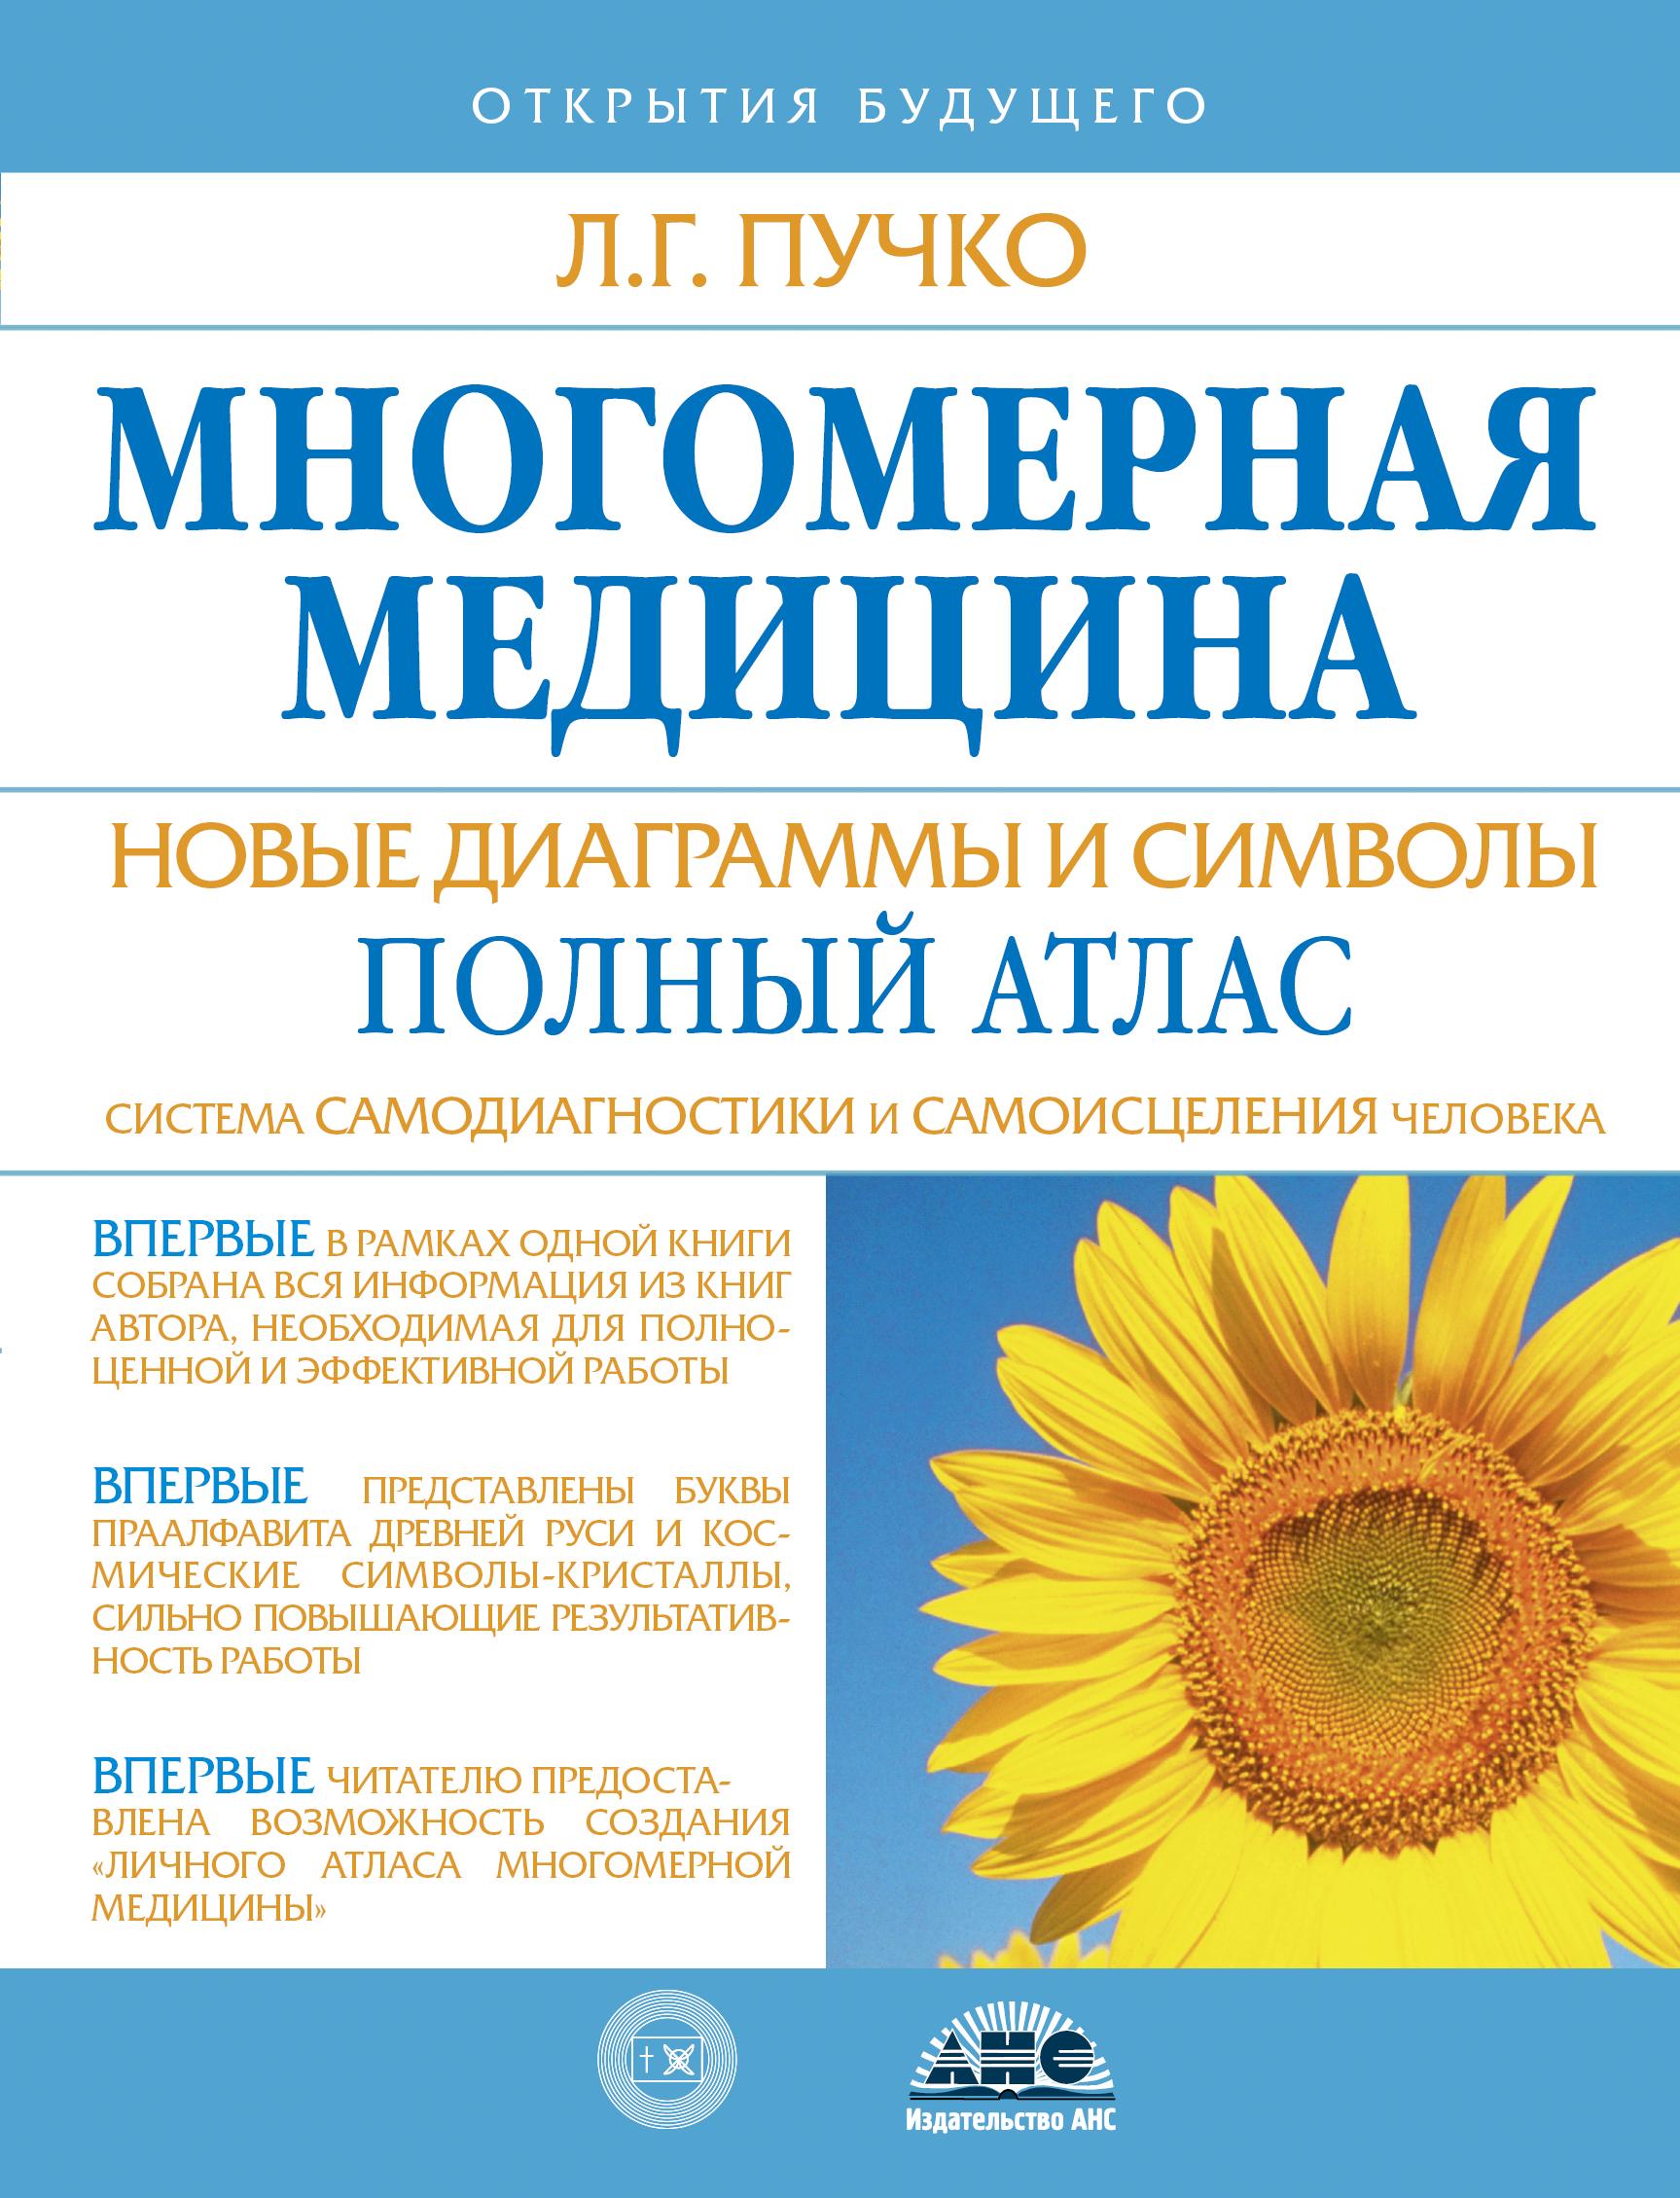 Читать книгу многомерная медицина л.г пучко